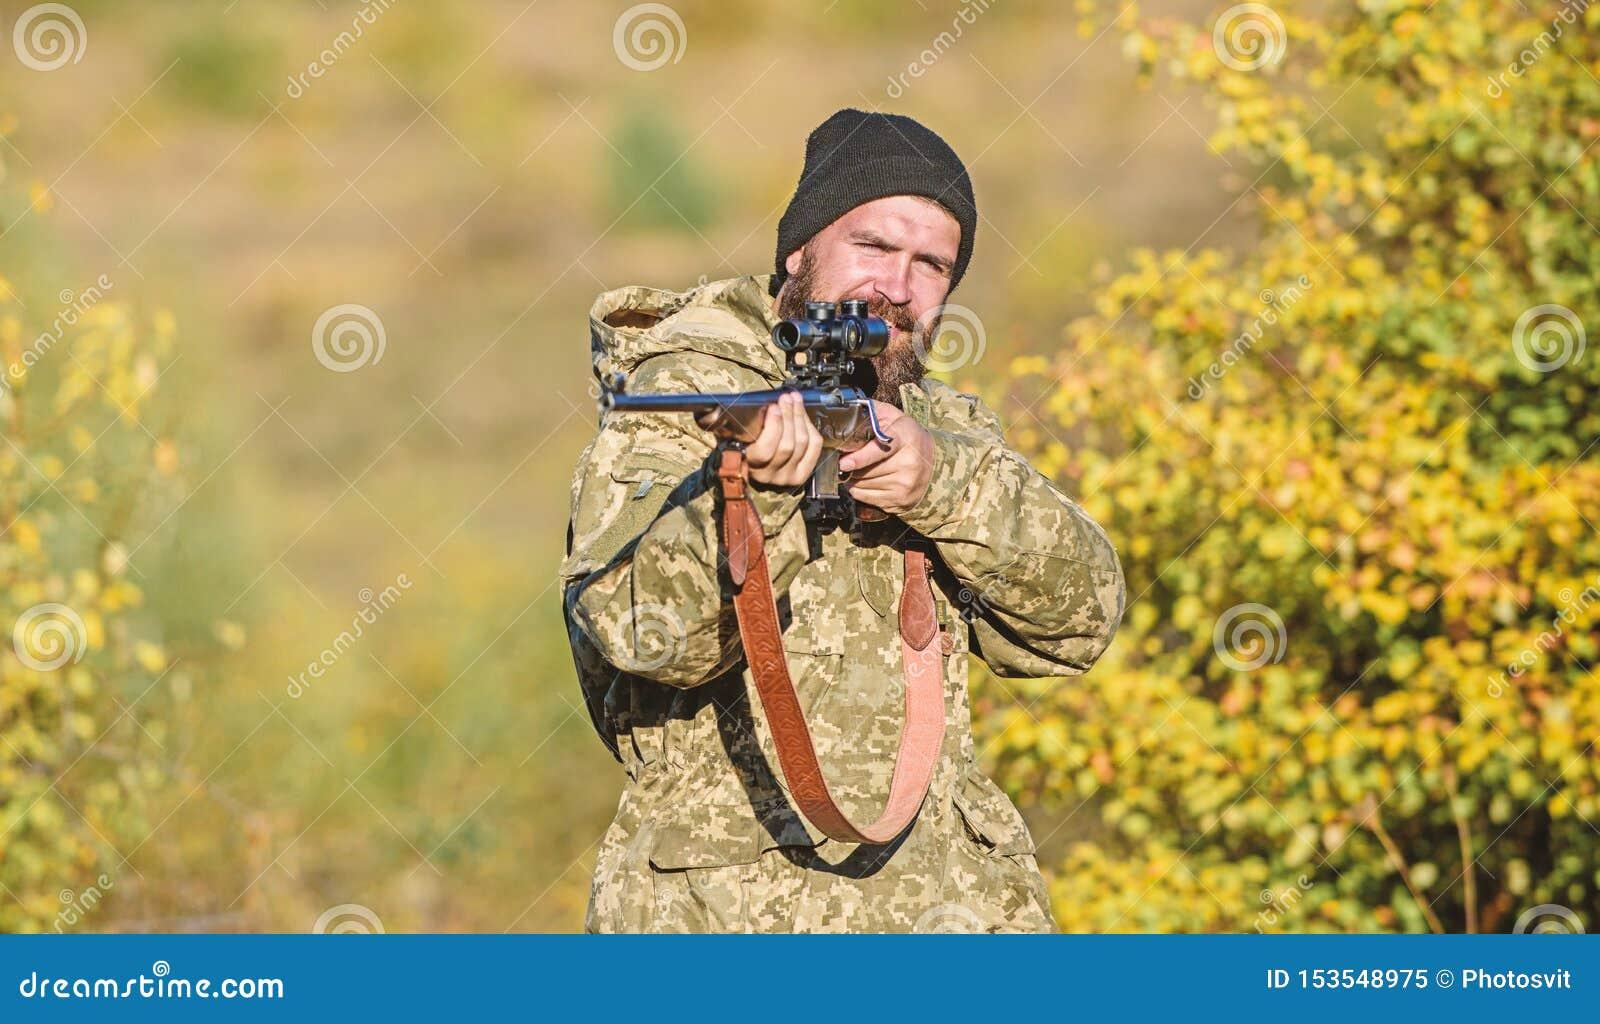 Cazador barbudo pasar la caza del ocio Foco y concentraci?n de cazador experimentado B?squeda de concepto masculino de la afici?n